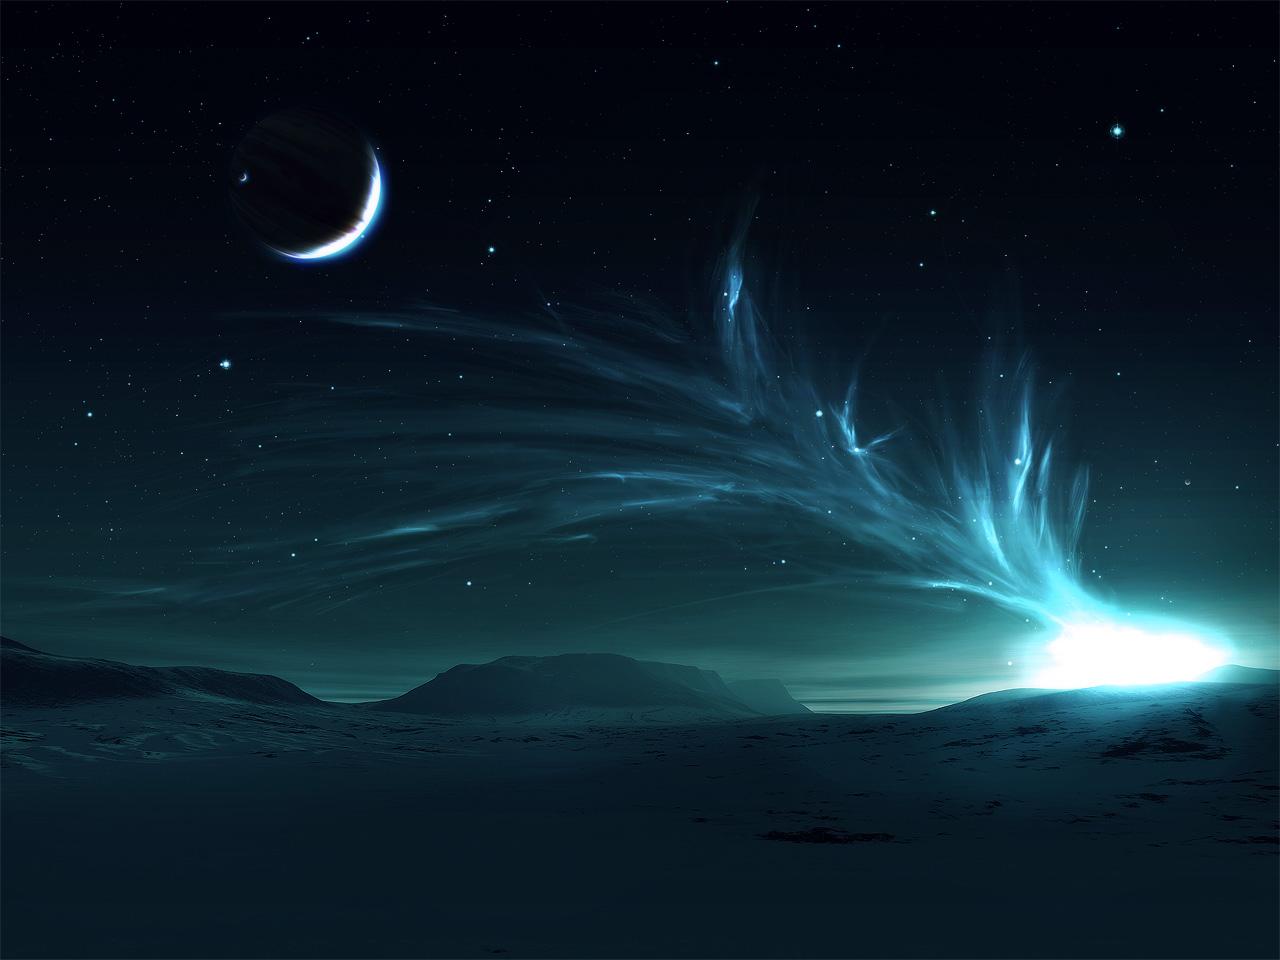 http://4.bp.blogspot.com/-9j4qXG5ADeE/UCE7H-bi7KI/AAAAAAAAElo/YDqSWJyF9Zo/s1600/Northern-lights.jpg